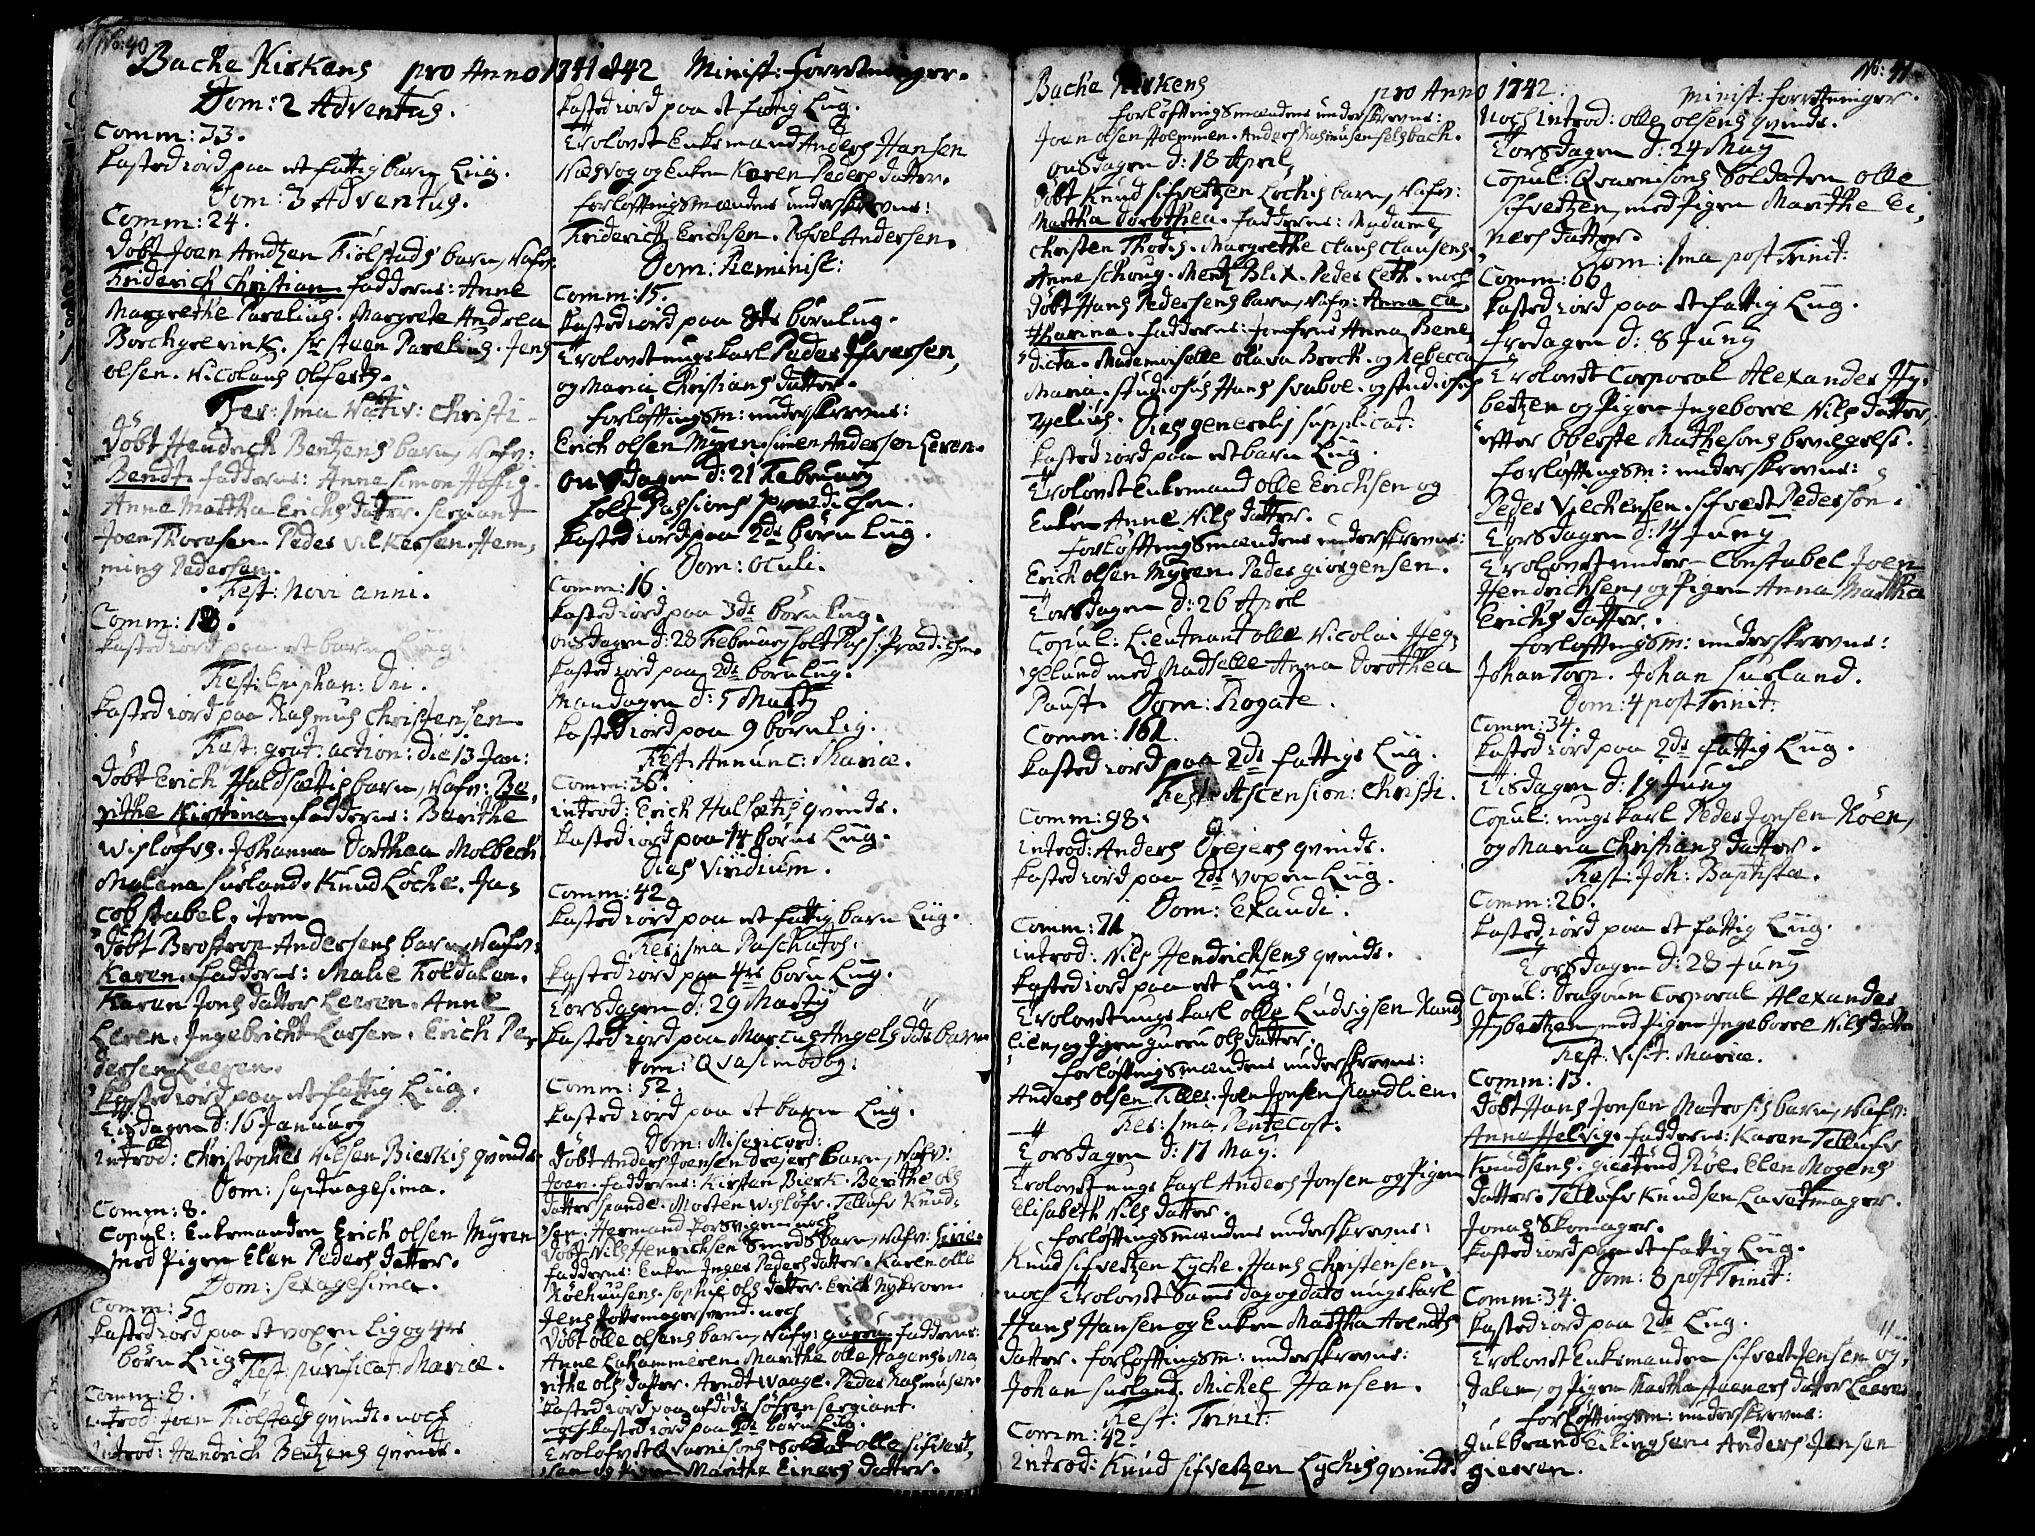 SAT, Ministerialprotokoller, klokkerbøker og fødselsregistre - Sør-Trøndelag, 606/L0276: Ministerialbok nr. 606A01 /2, 1727-1779, s. 40-41